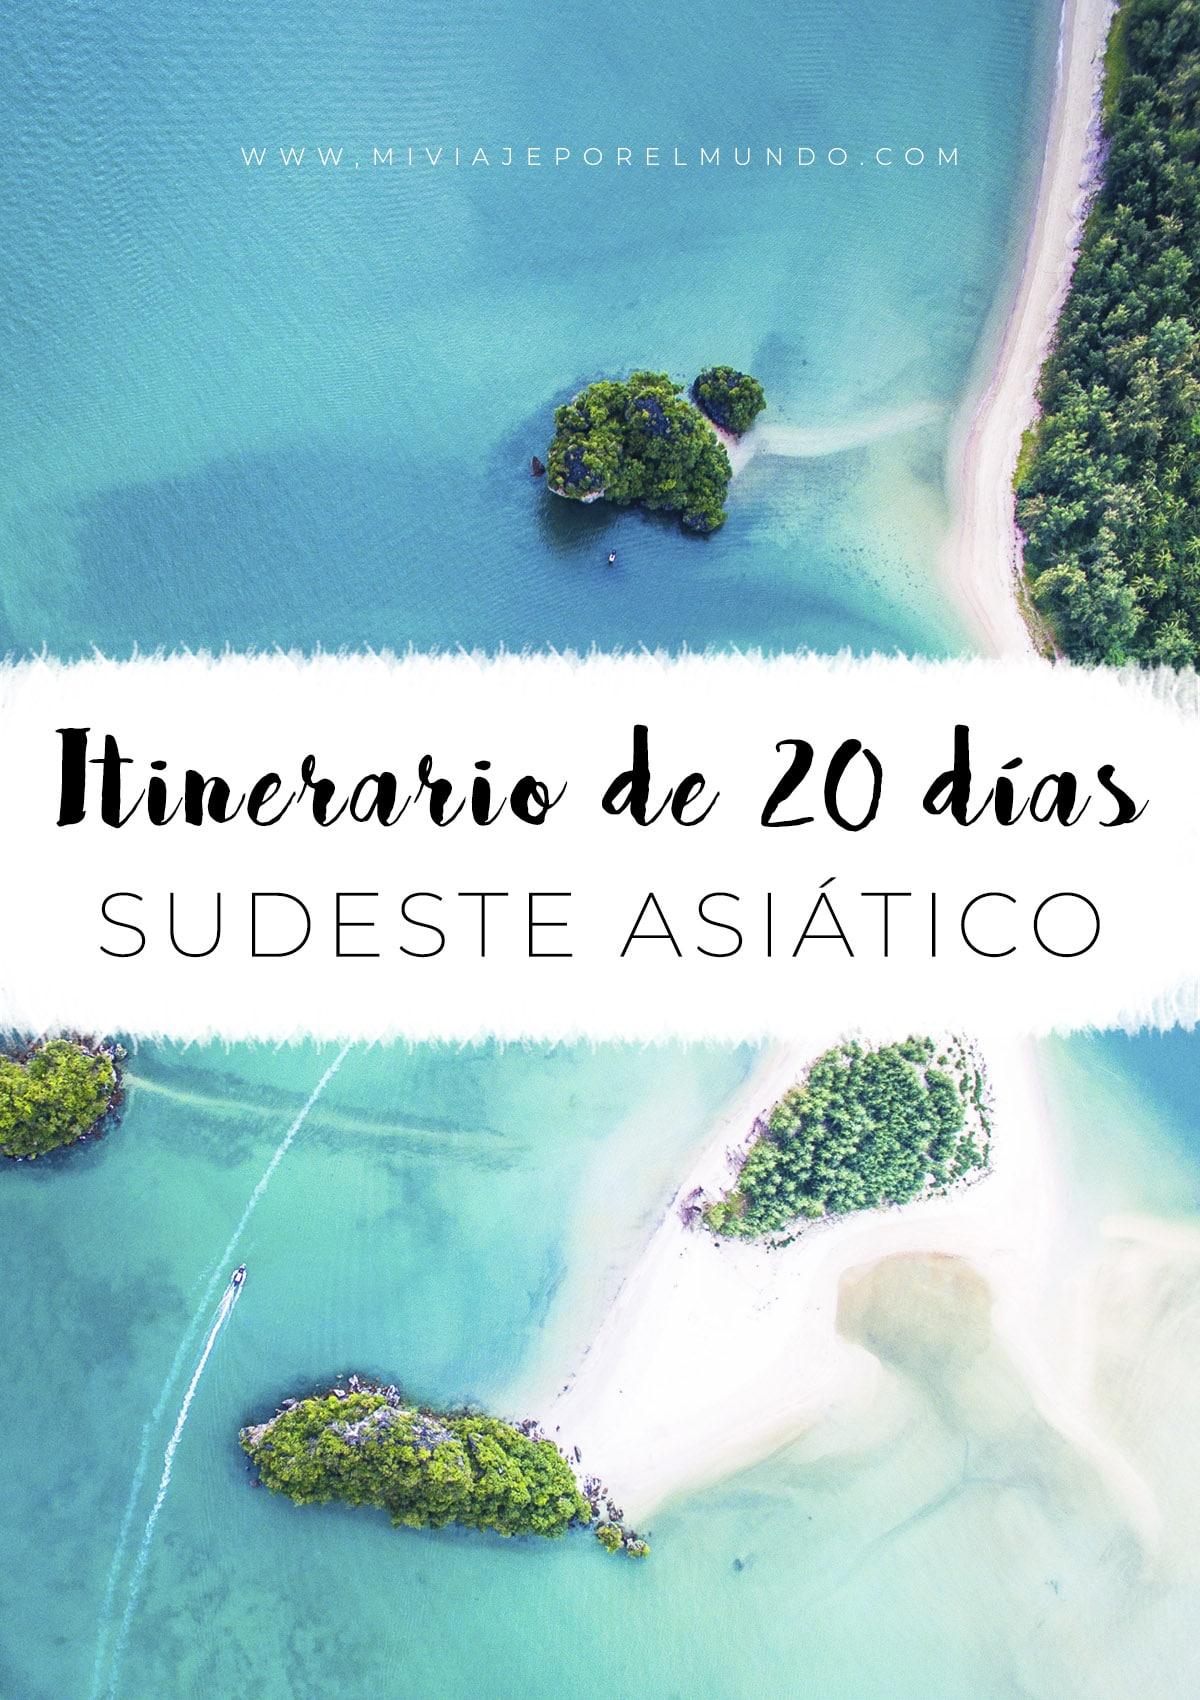 itinerario por el sudeste asiatico de 20 dias